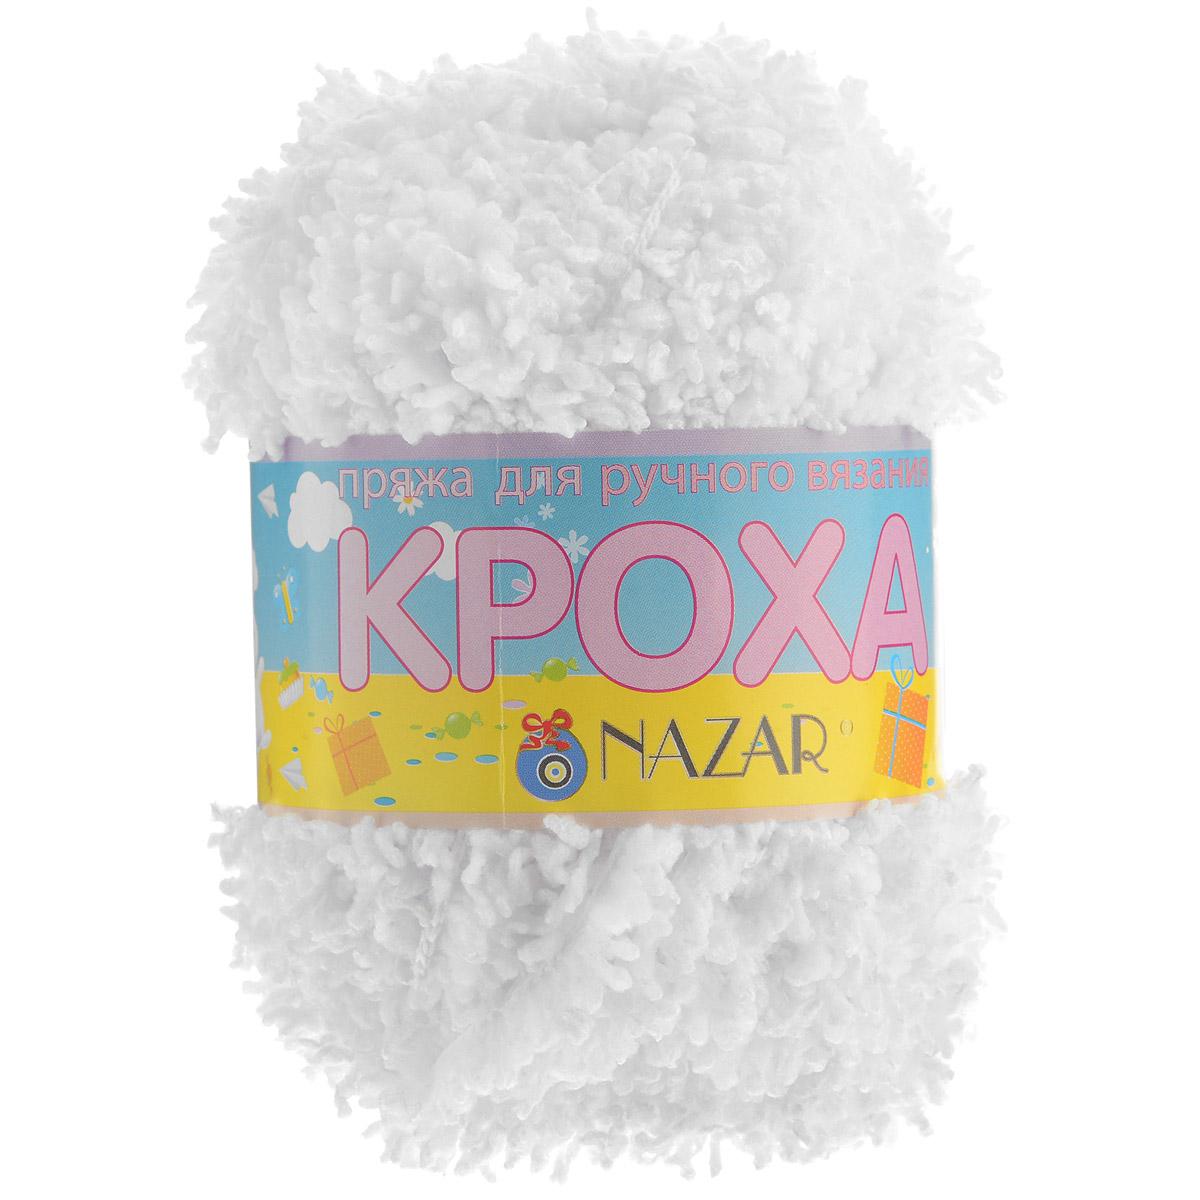 Пряжа для вязания детская Nazar Кроха, цвет: белый (6007), 75 м, 50 г, 10 шт349017_6007Nazar Кроха - это фантастически мягкая пряжа, изготовленная из 100% микрополиэстера. Такая пряжа идеально подойдет для изготовления игрушек или детской одежды. Изделия практичны в носке и уходе. Рекомендуется вязать спицами платочной или чулочной вязкой (кулинарная гладь). Комплектация: 10 мотков. Состав: 100% микрополиэстер.